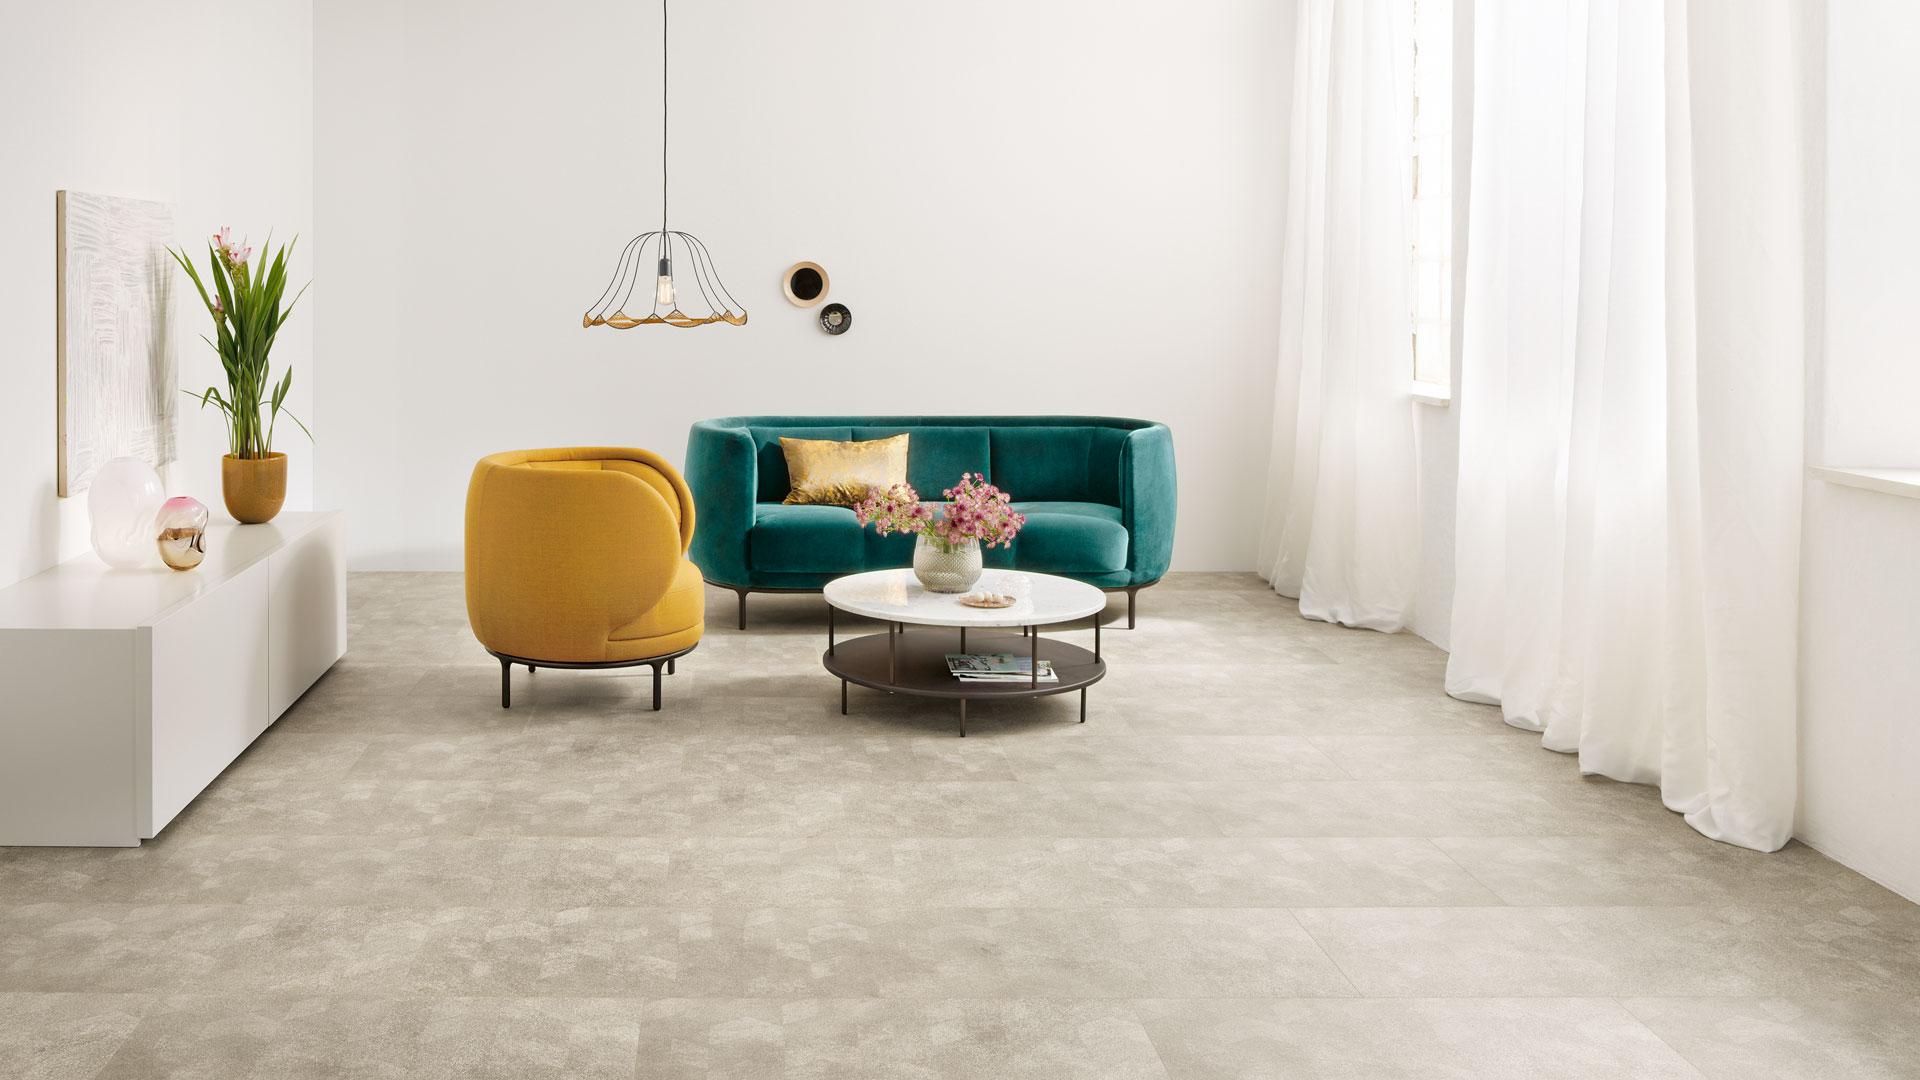 Rutschfester Boden für die offene Wohnküche bei P&R Leoben, Steiermark